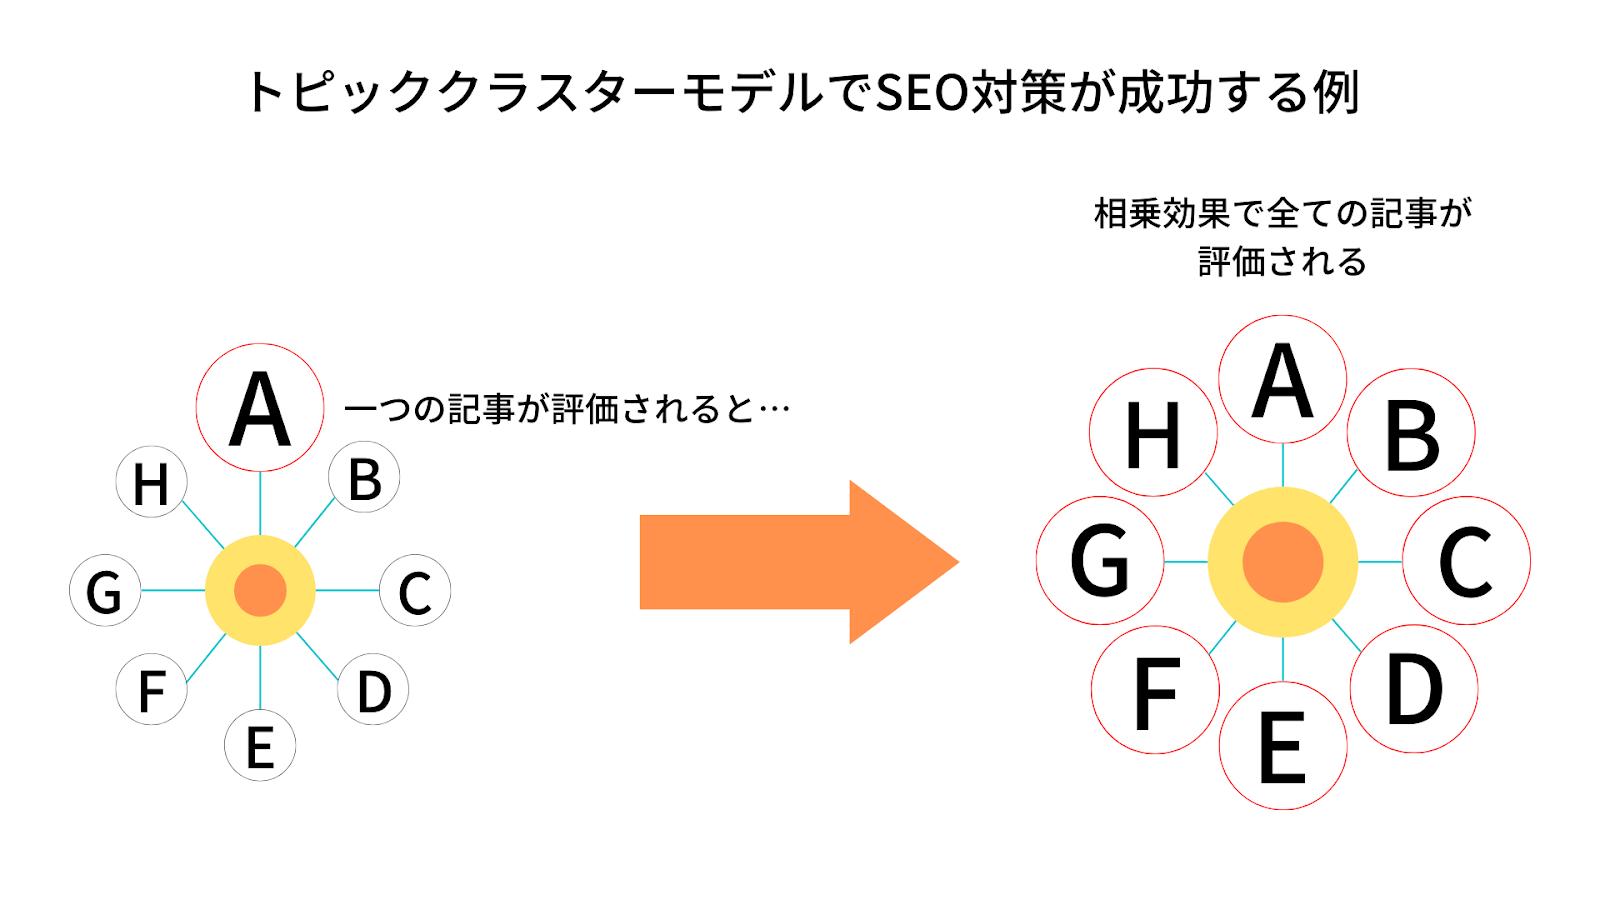 【解説】トピッククラスターモデルとは?トピッククラスターの作り方3